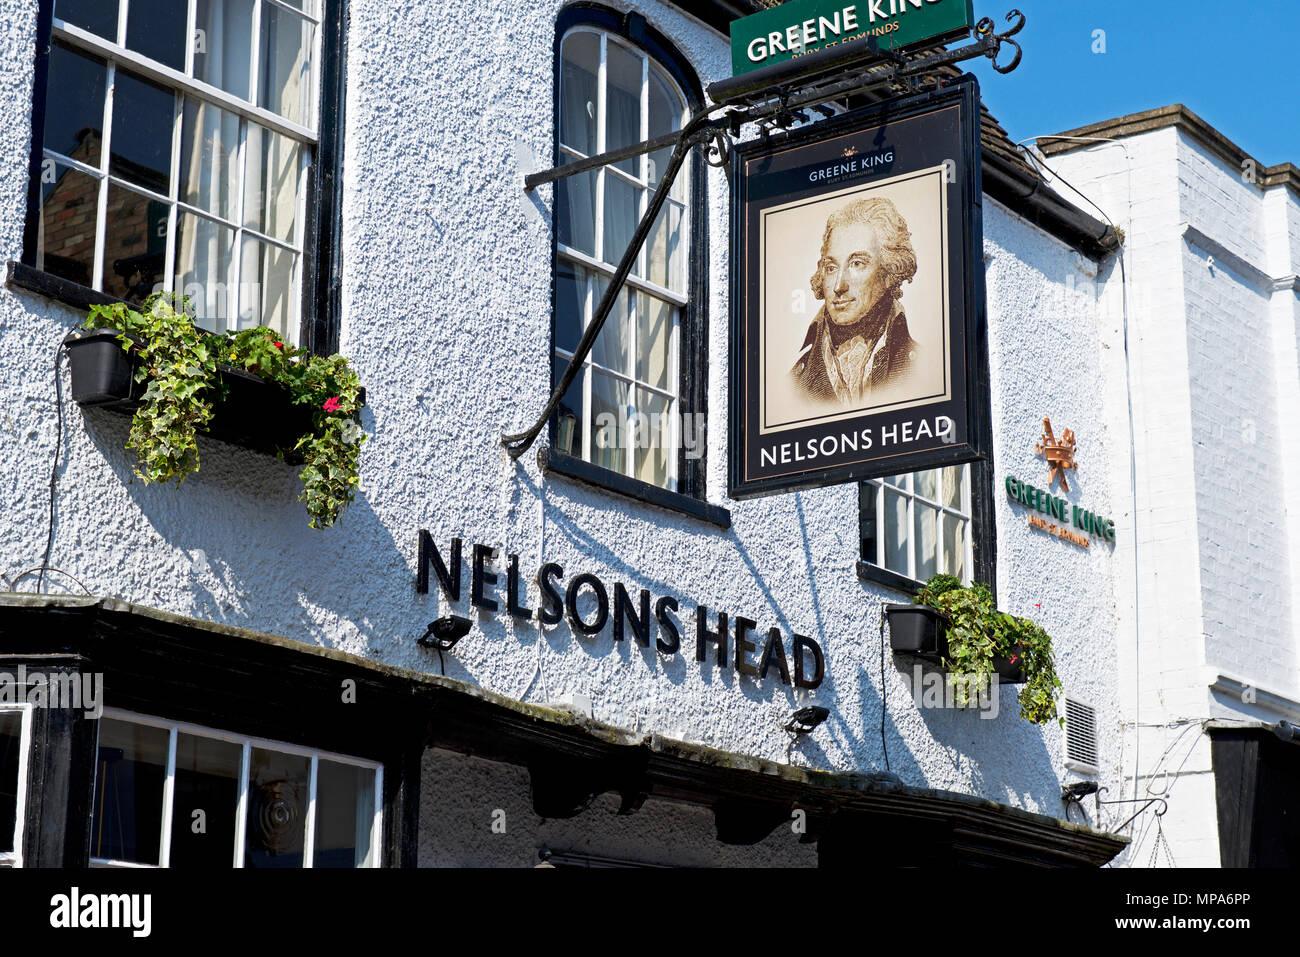 Pub sign - Nelson's Head - St Ives, Cambridgeshire, England UK - Stock Image